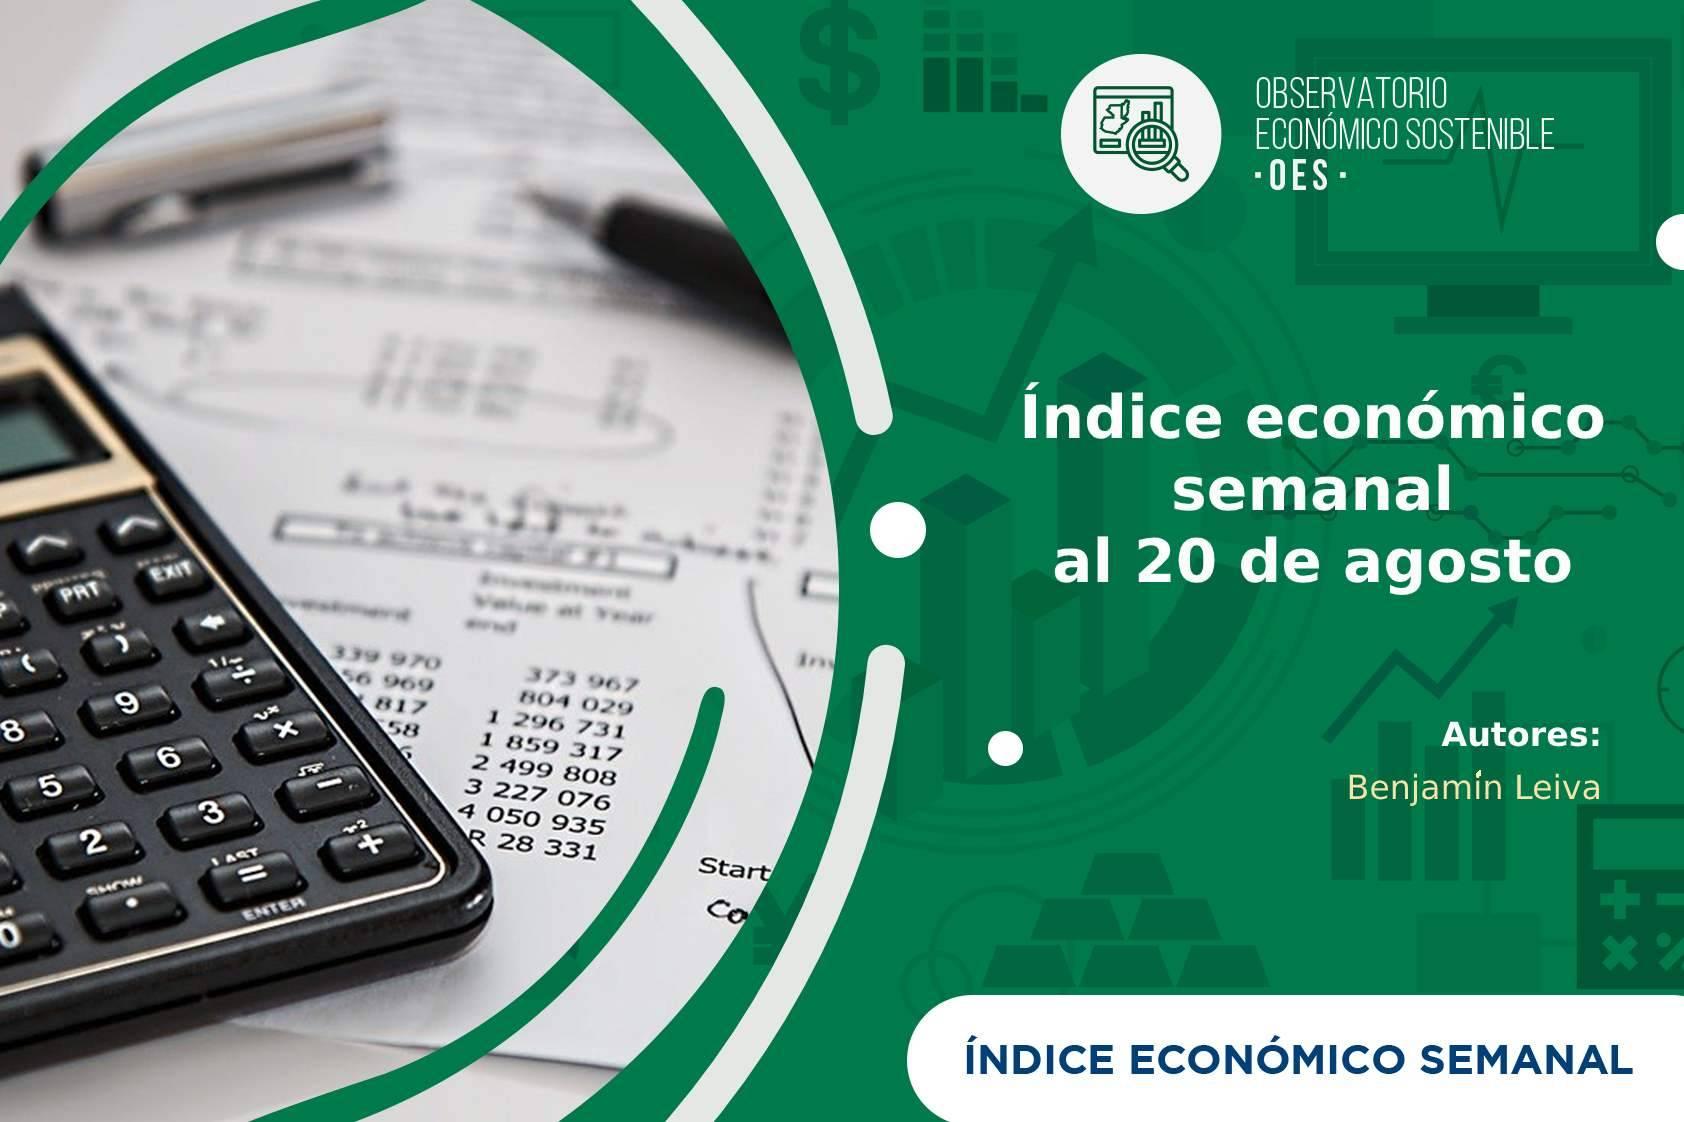 Índice económico semanal al 20 de agosto de 2020